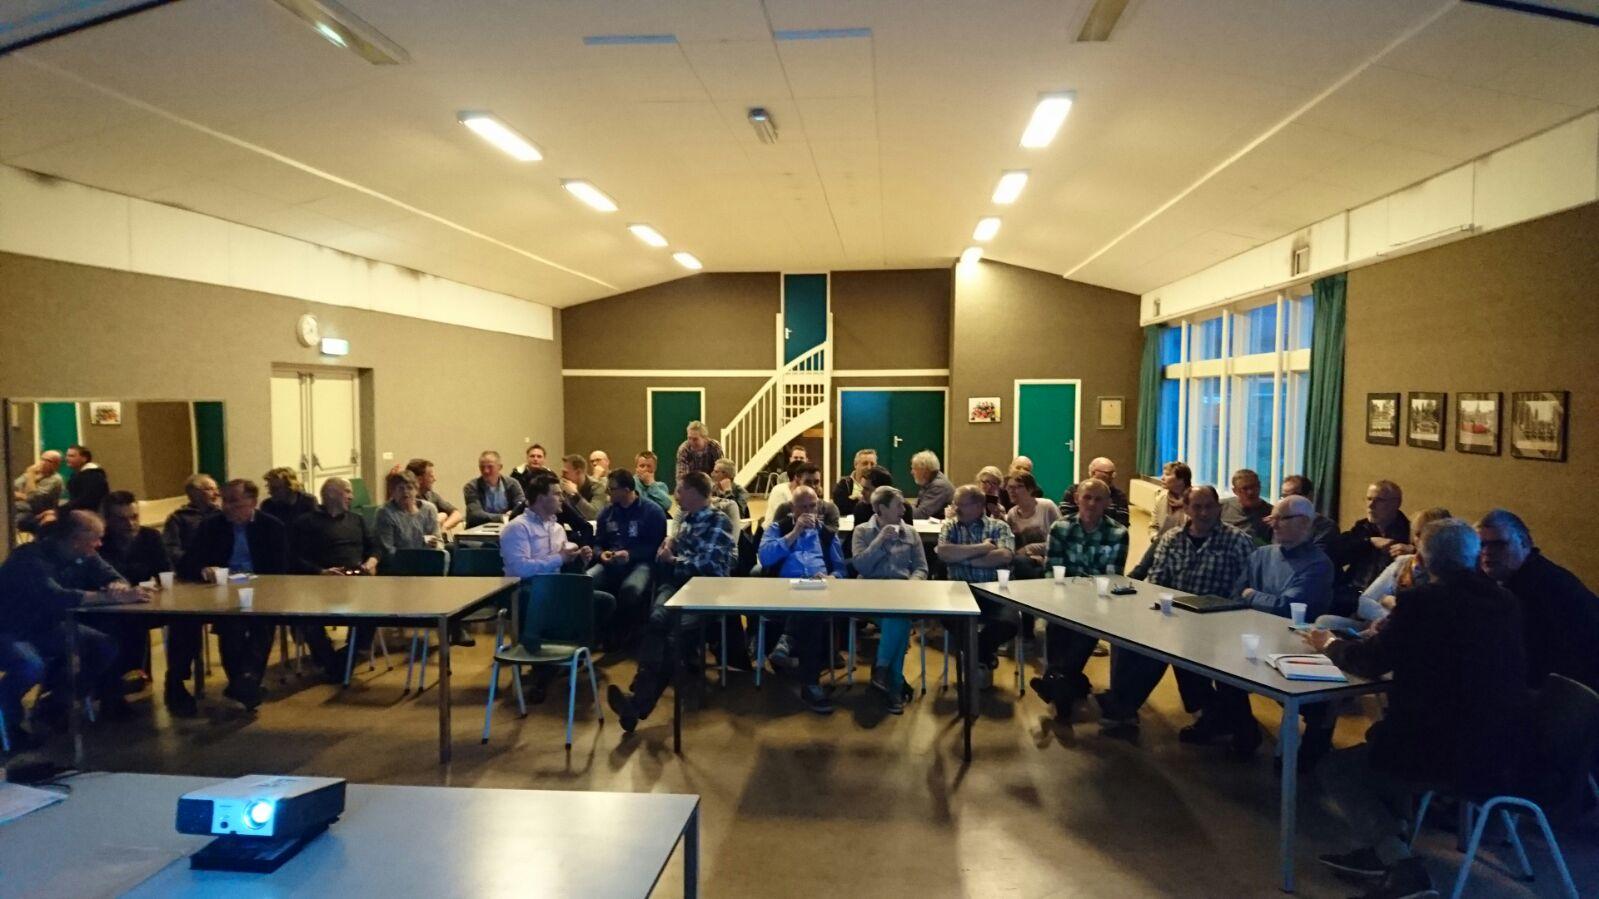 Presentatie Scheidsrechtersbijeenkomst 6 april